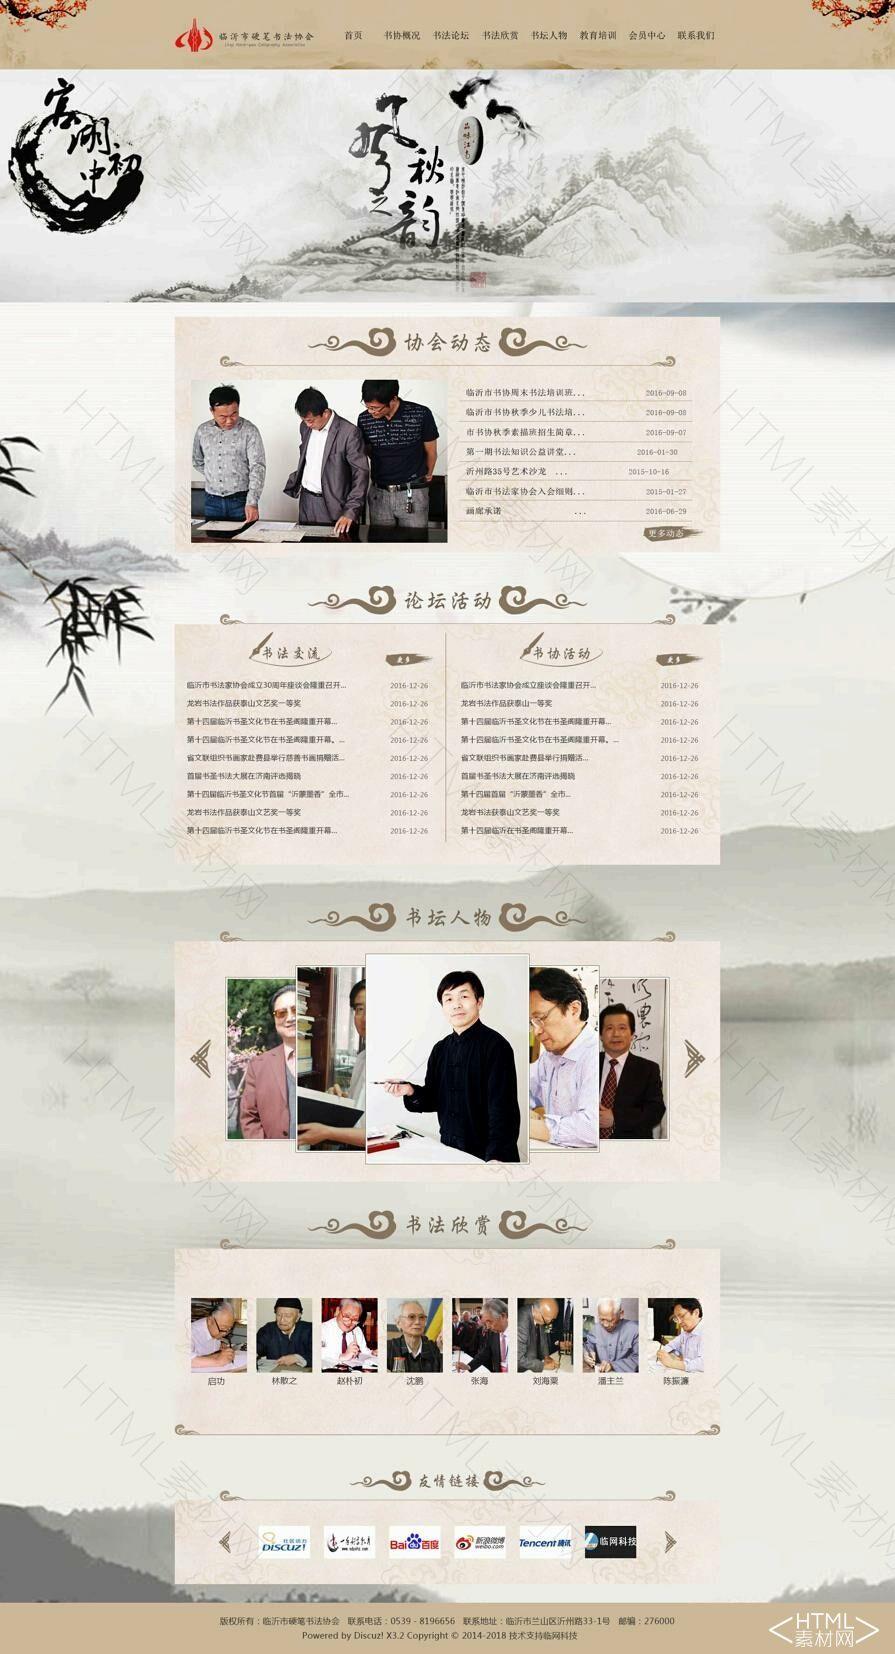 古典中国风硬笔书法网站模板html整站.jpg